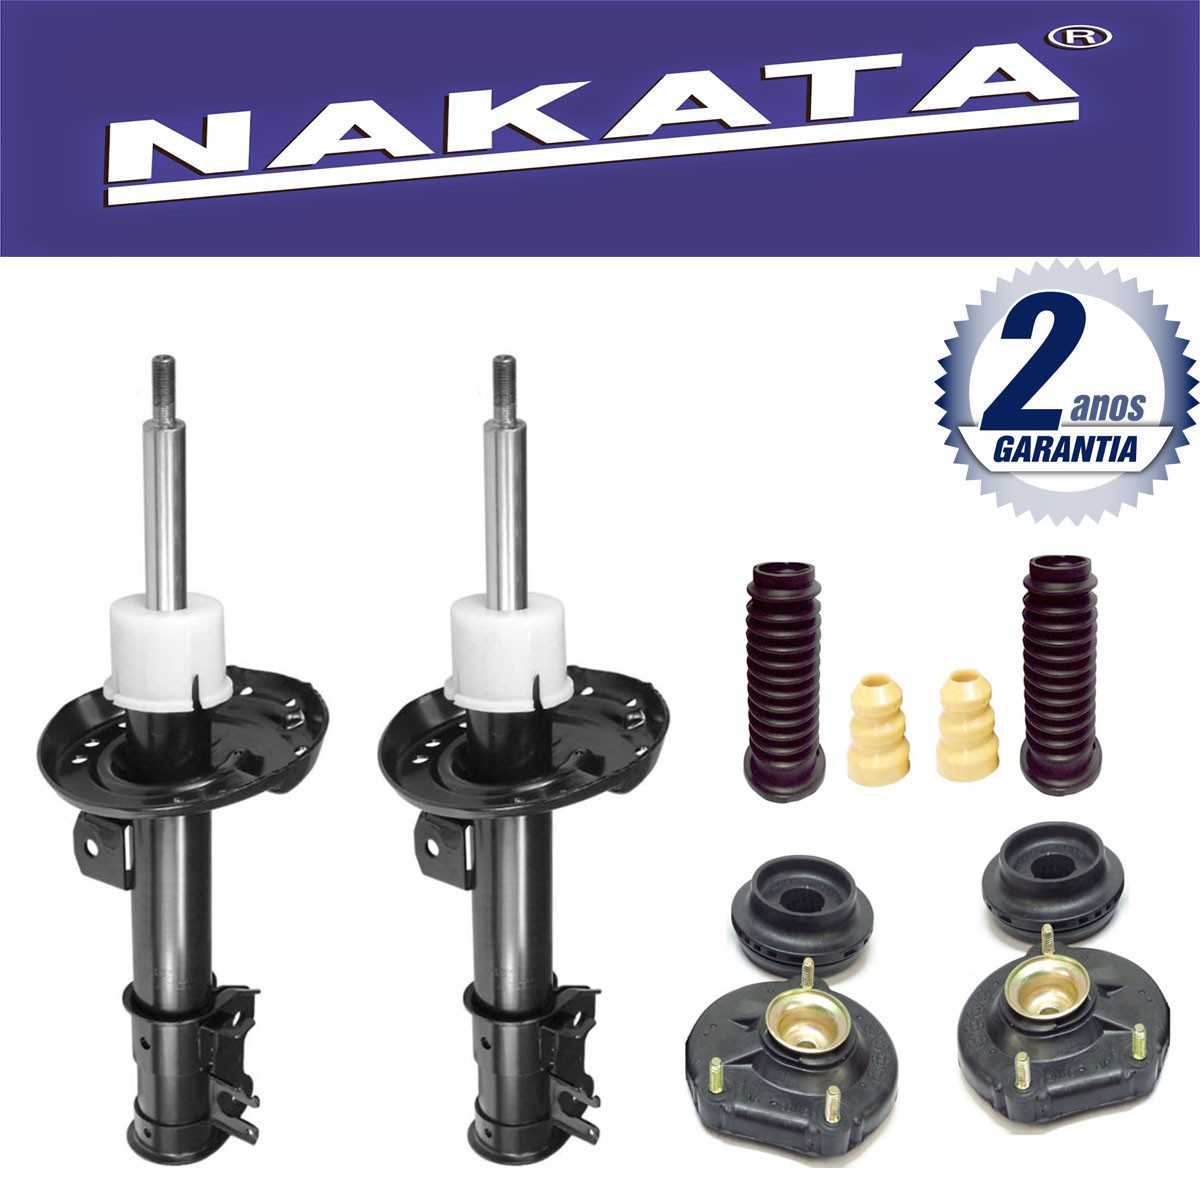 Par de Amortecedores Dianteiro Nakata Fiat Linea 2008 Até 2014 + Kit da Suspensão